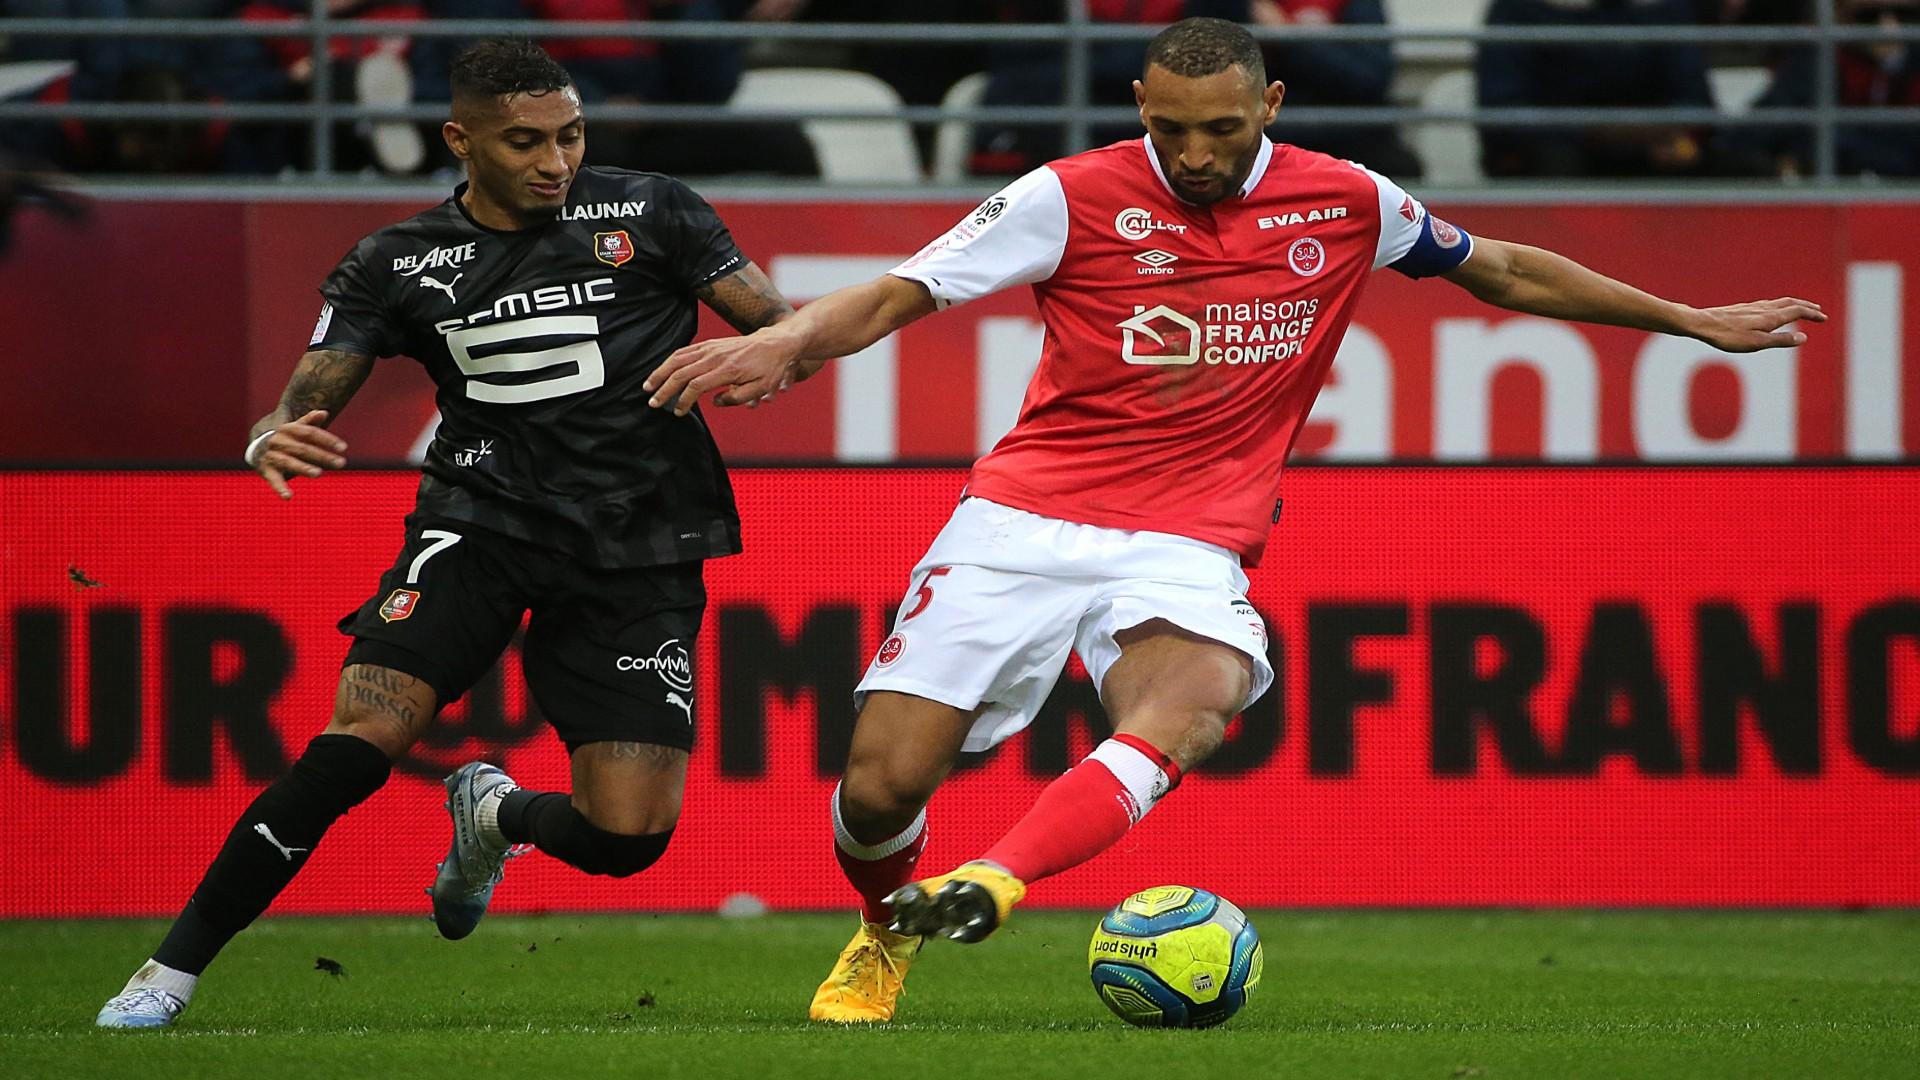 Reims-Rennes (1-0) - Reims prend le meilleur sur Rennes à Delaune